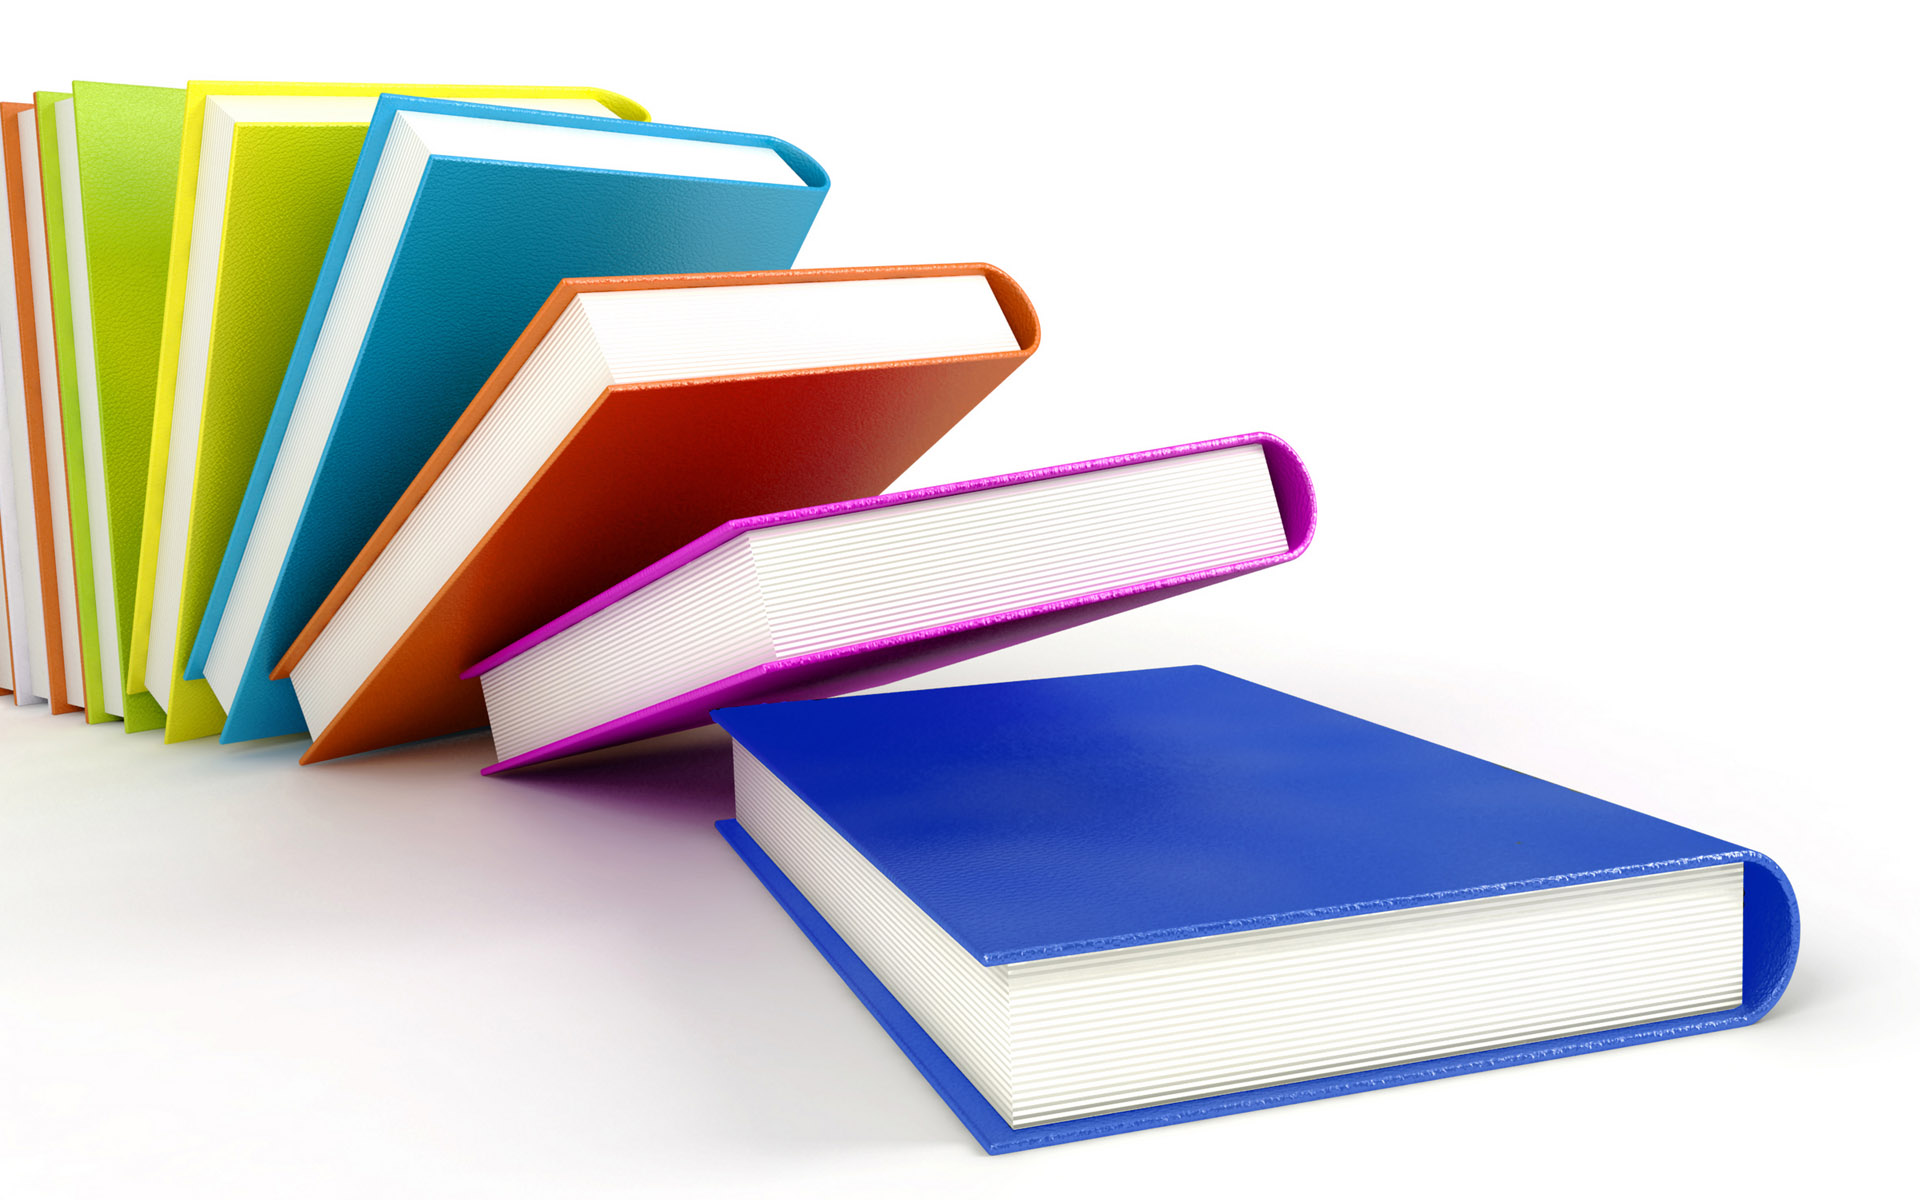 Llistat de llibres pel curs 2019 – 2020